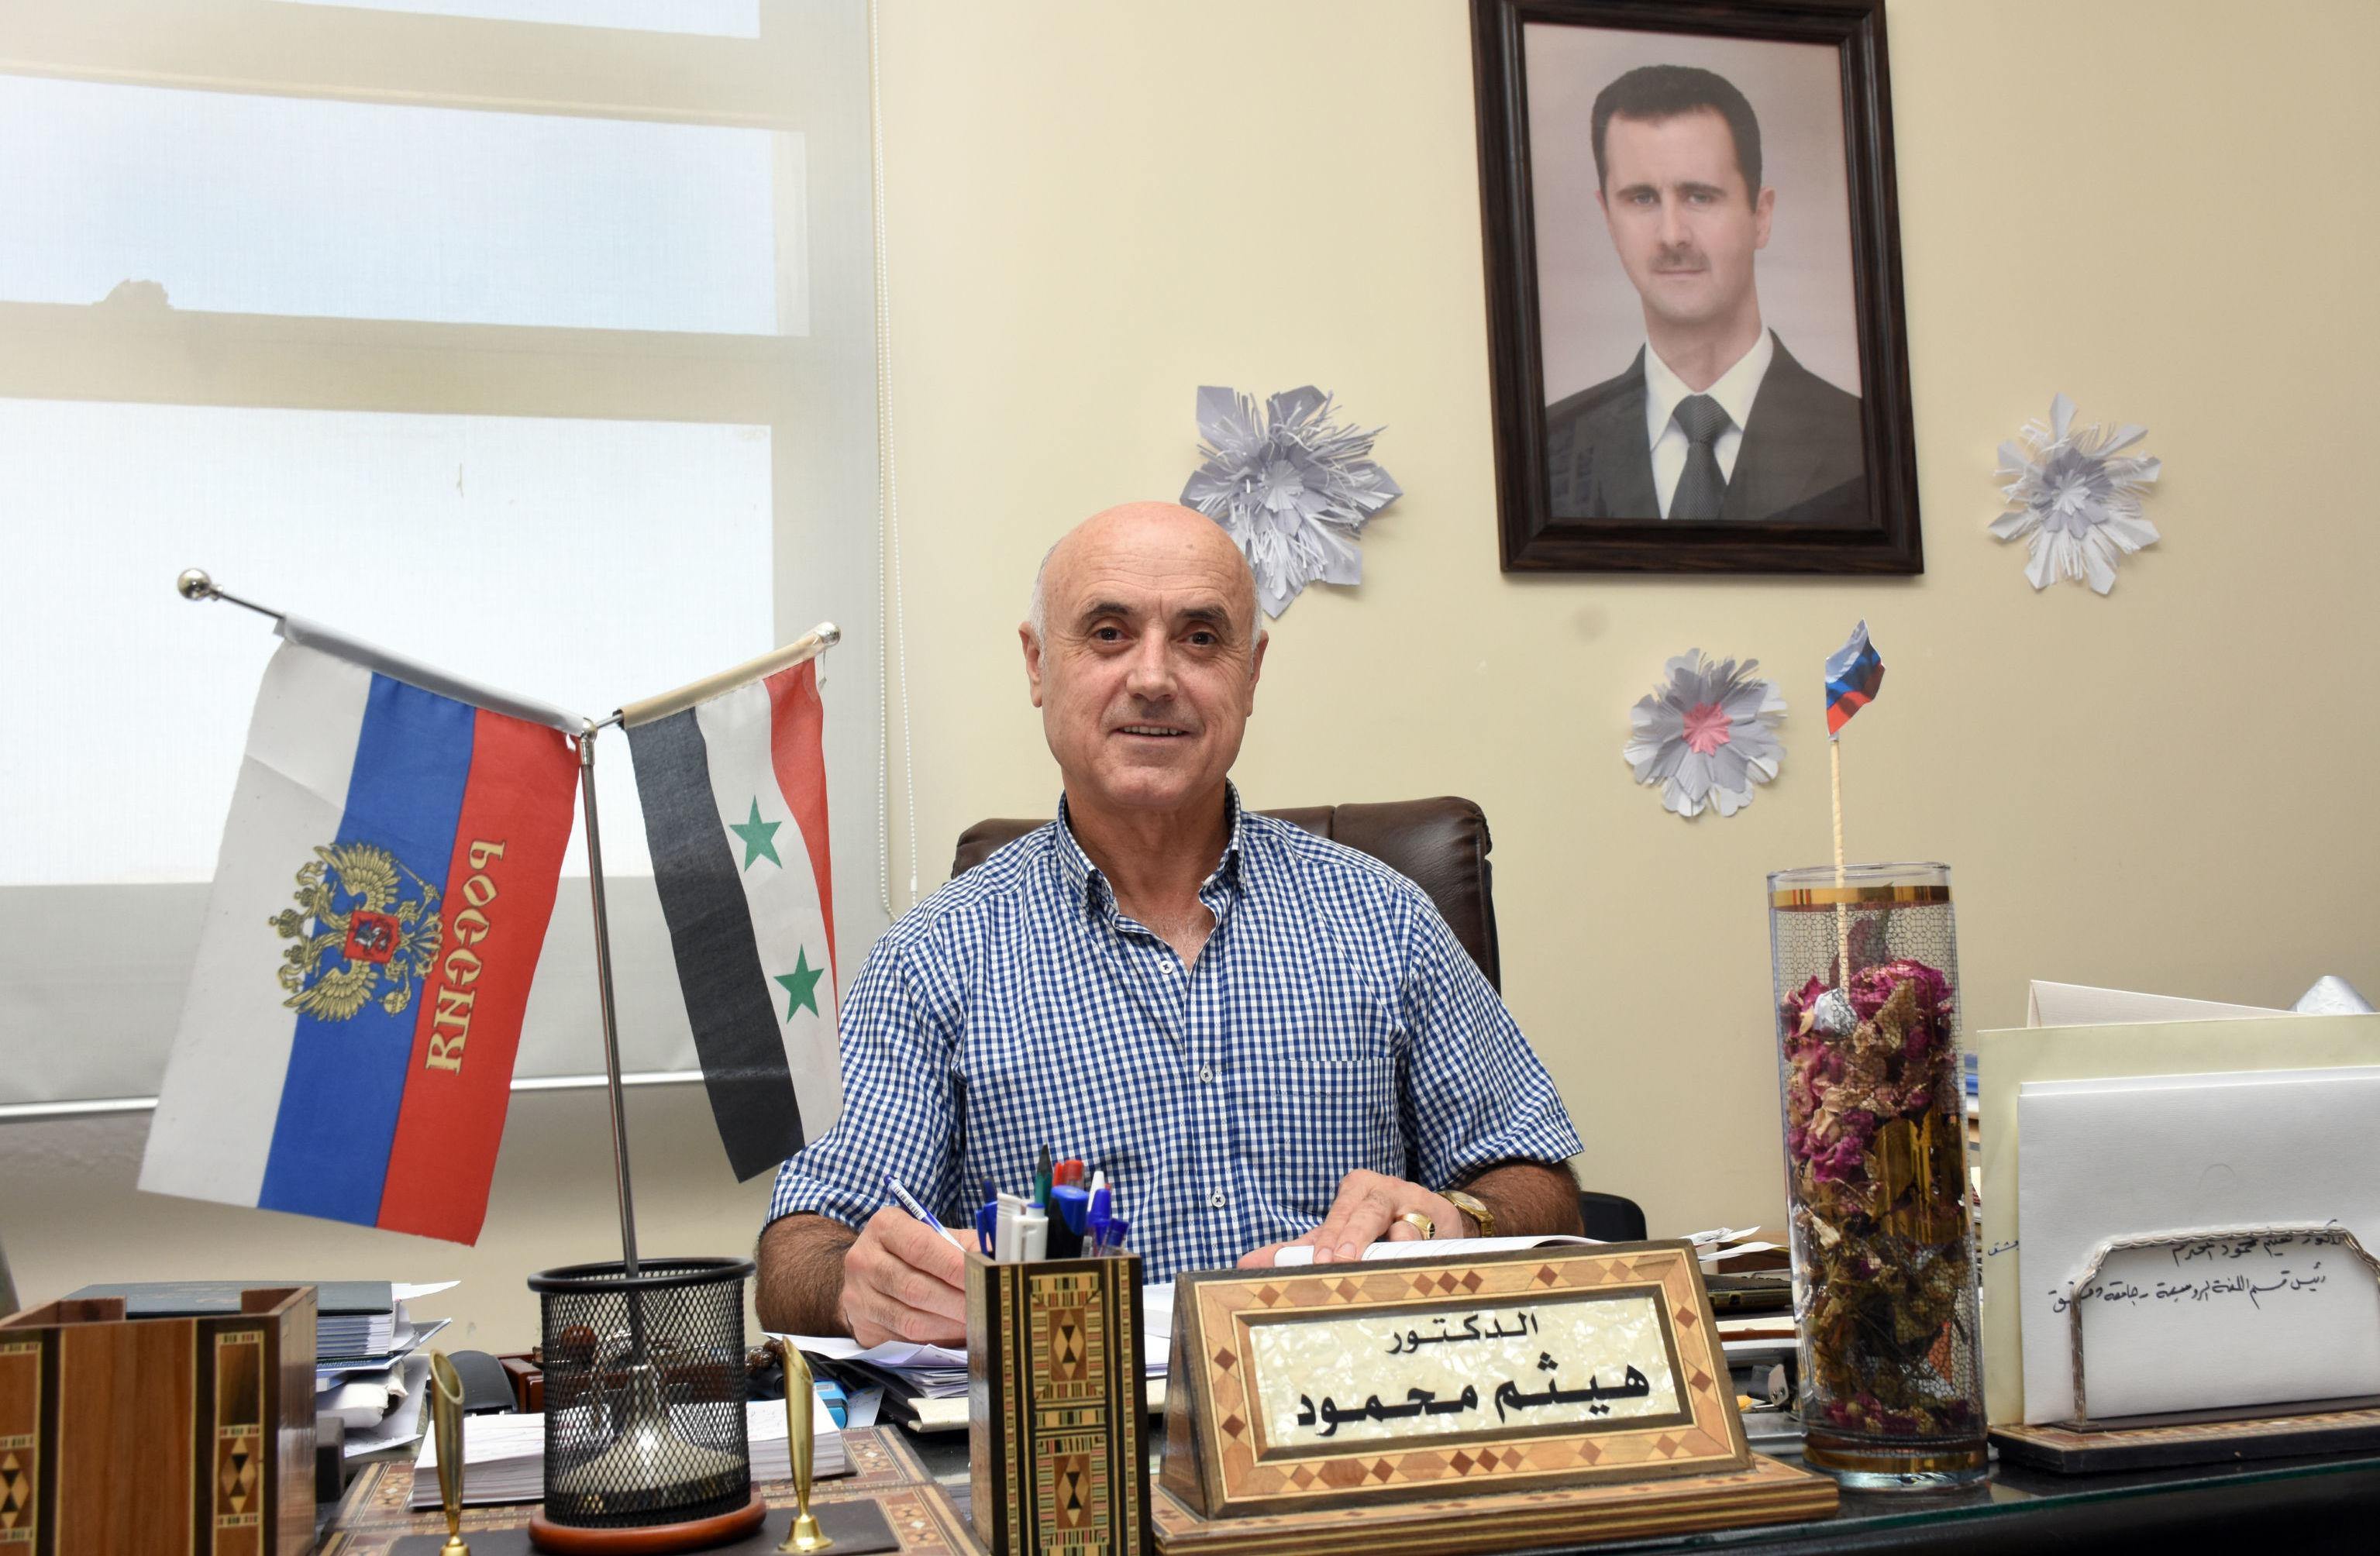 الدكتور هيثم محمود رئيس قسم اللغة الروسية بجامعة دمشق